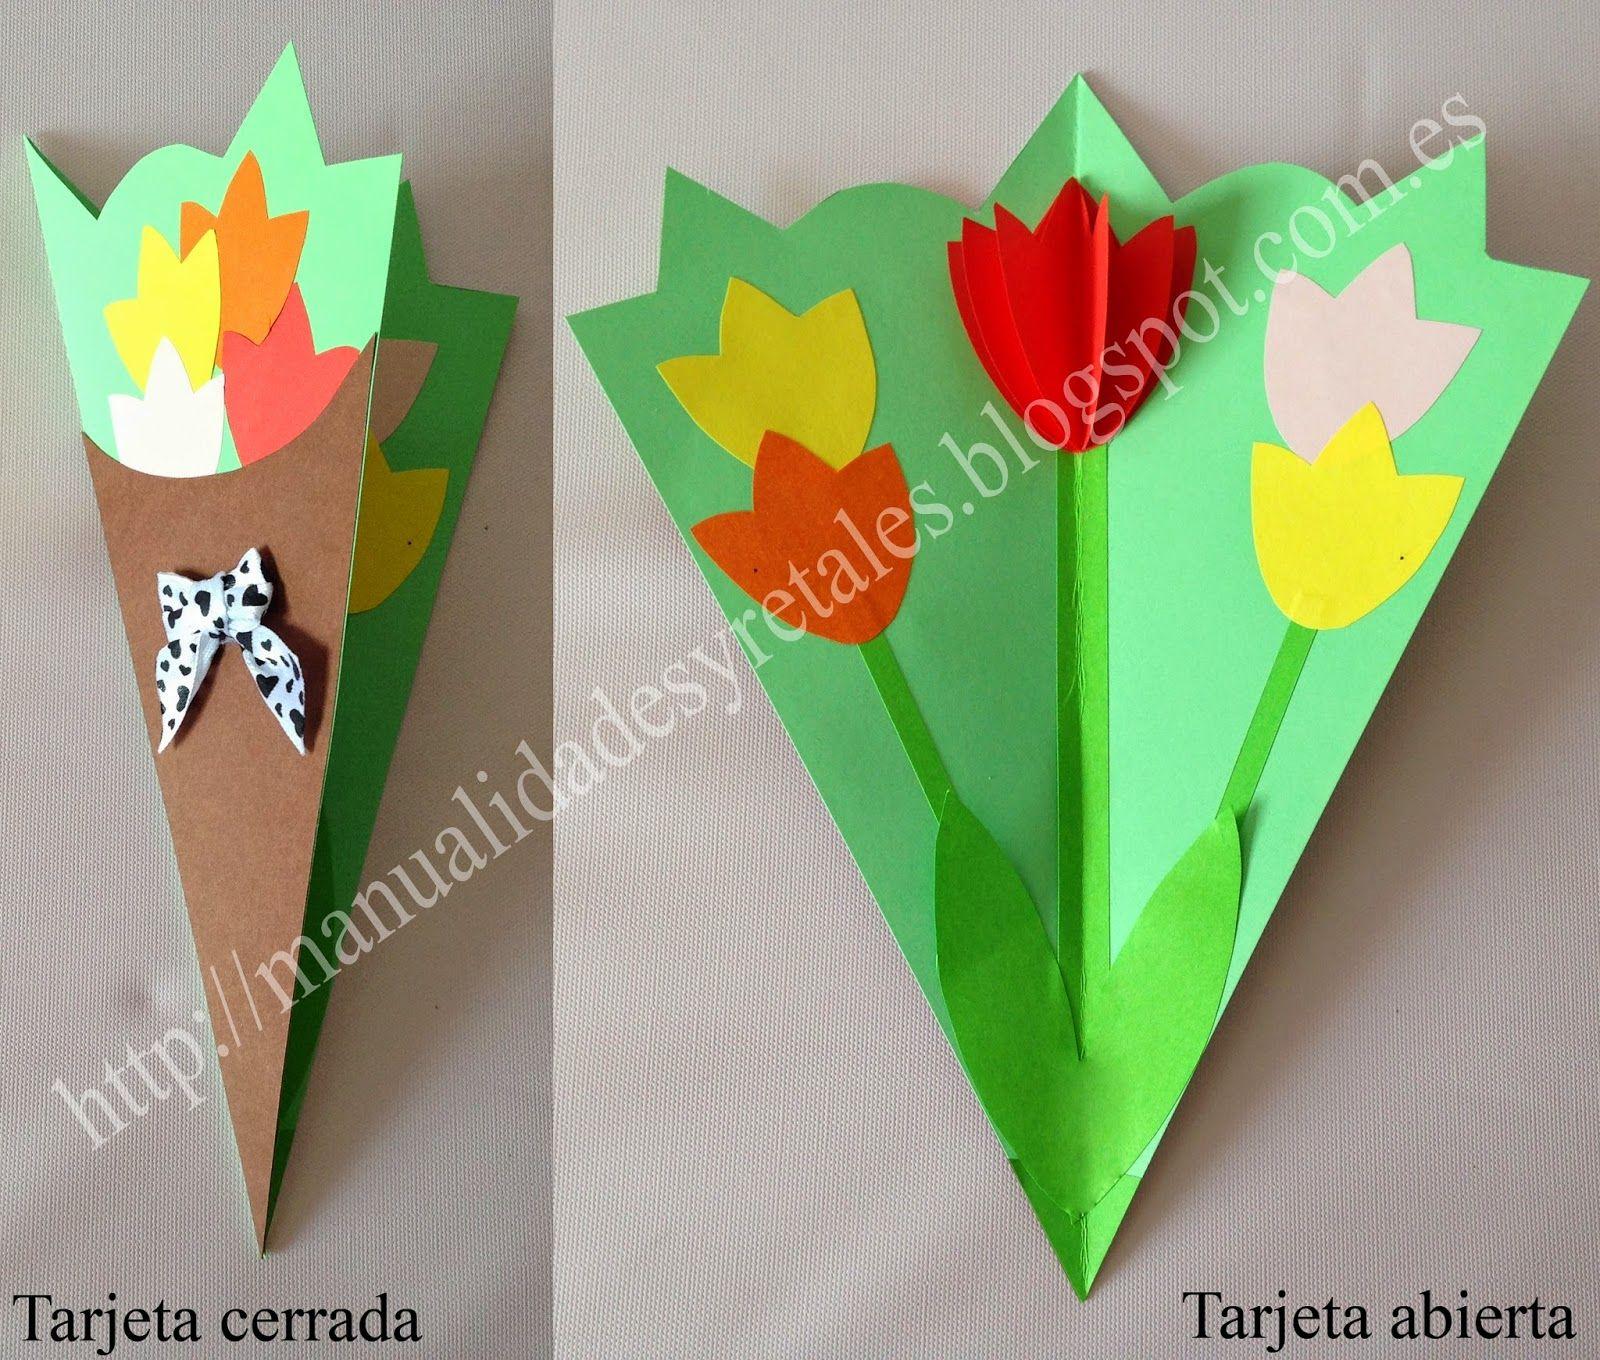 d805d0d4284 Tarjeta tulipanes para el dia de la madre. Plantillas imprimibles gratis